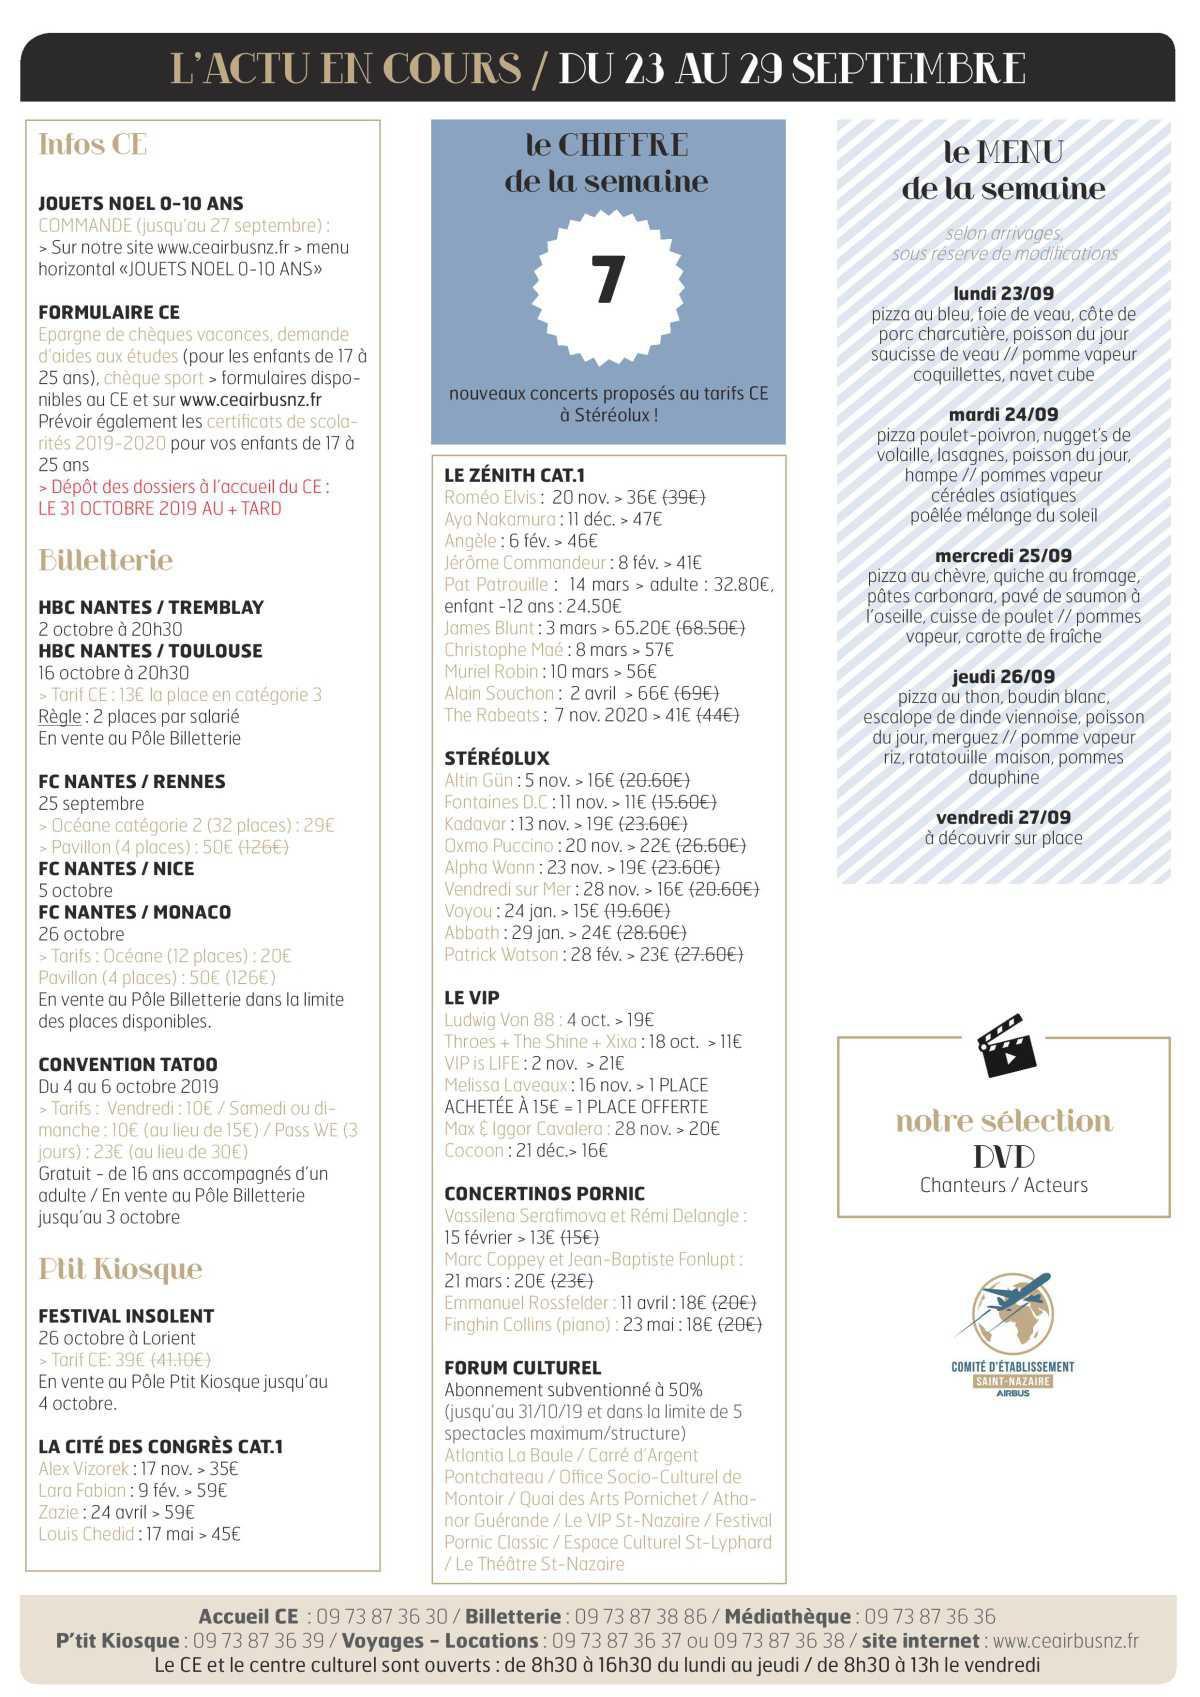 Infos CE et COOP semaine 39